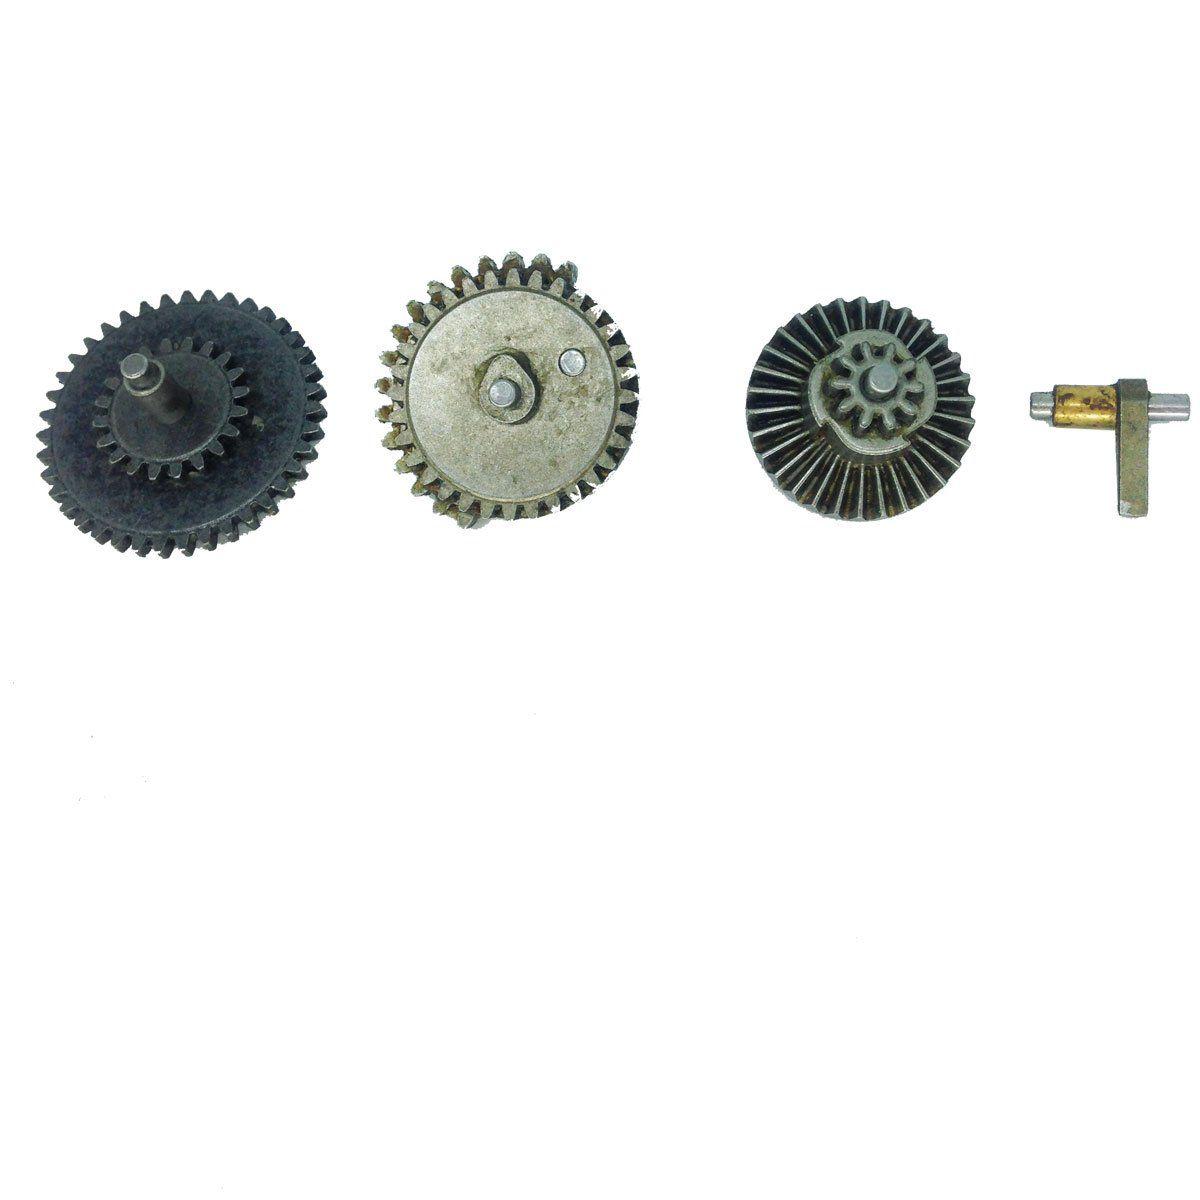 Conjunto de Engrenagem Padrão 18:1 Metal Dytac